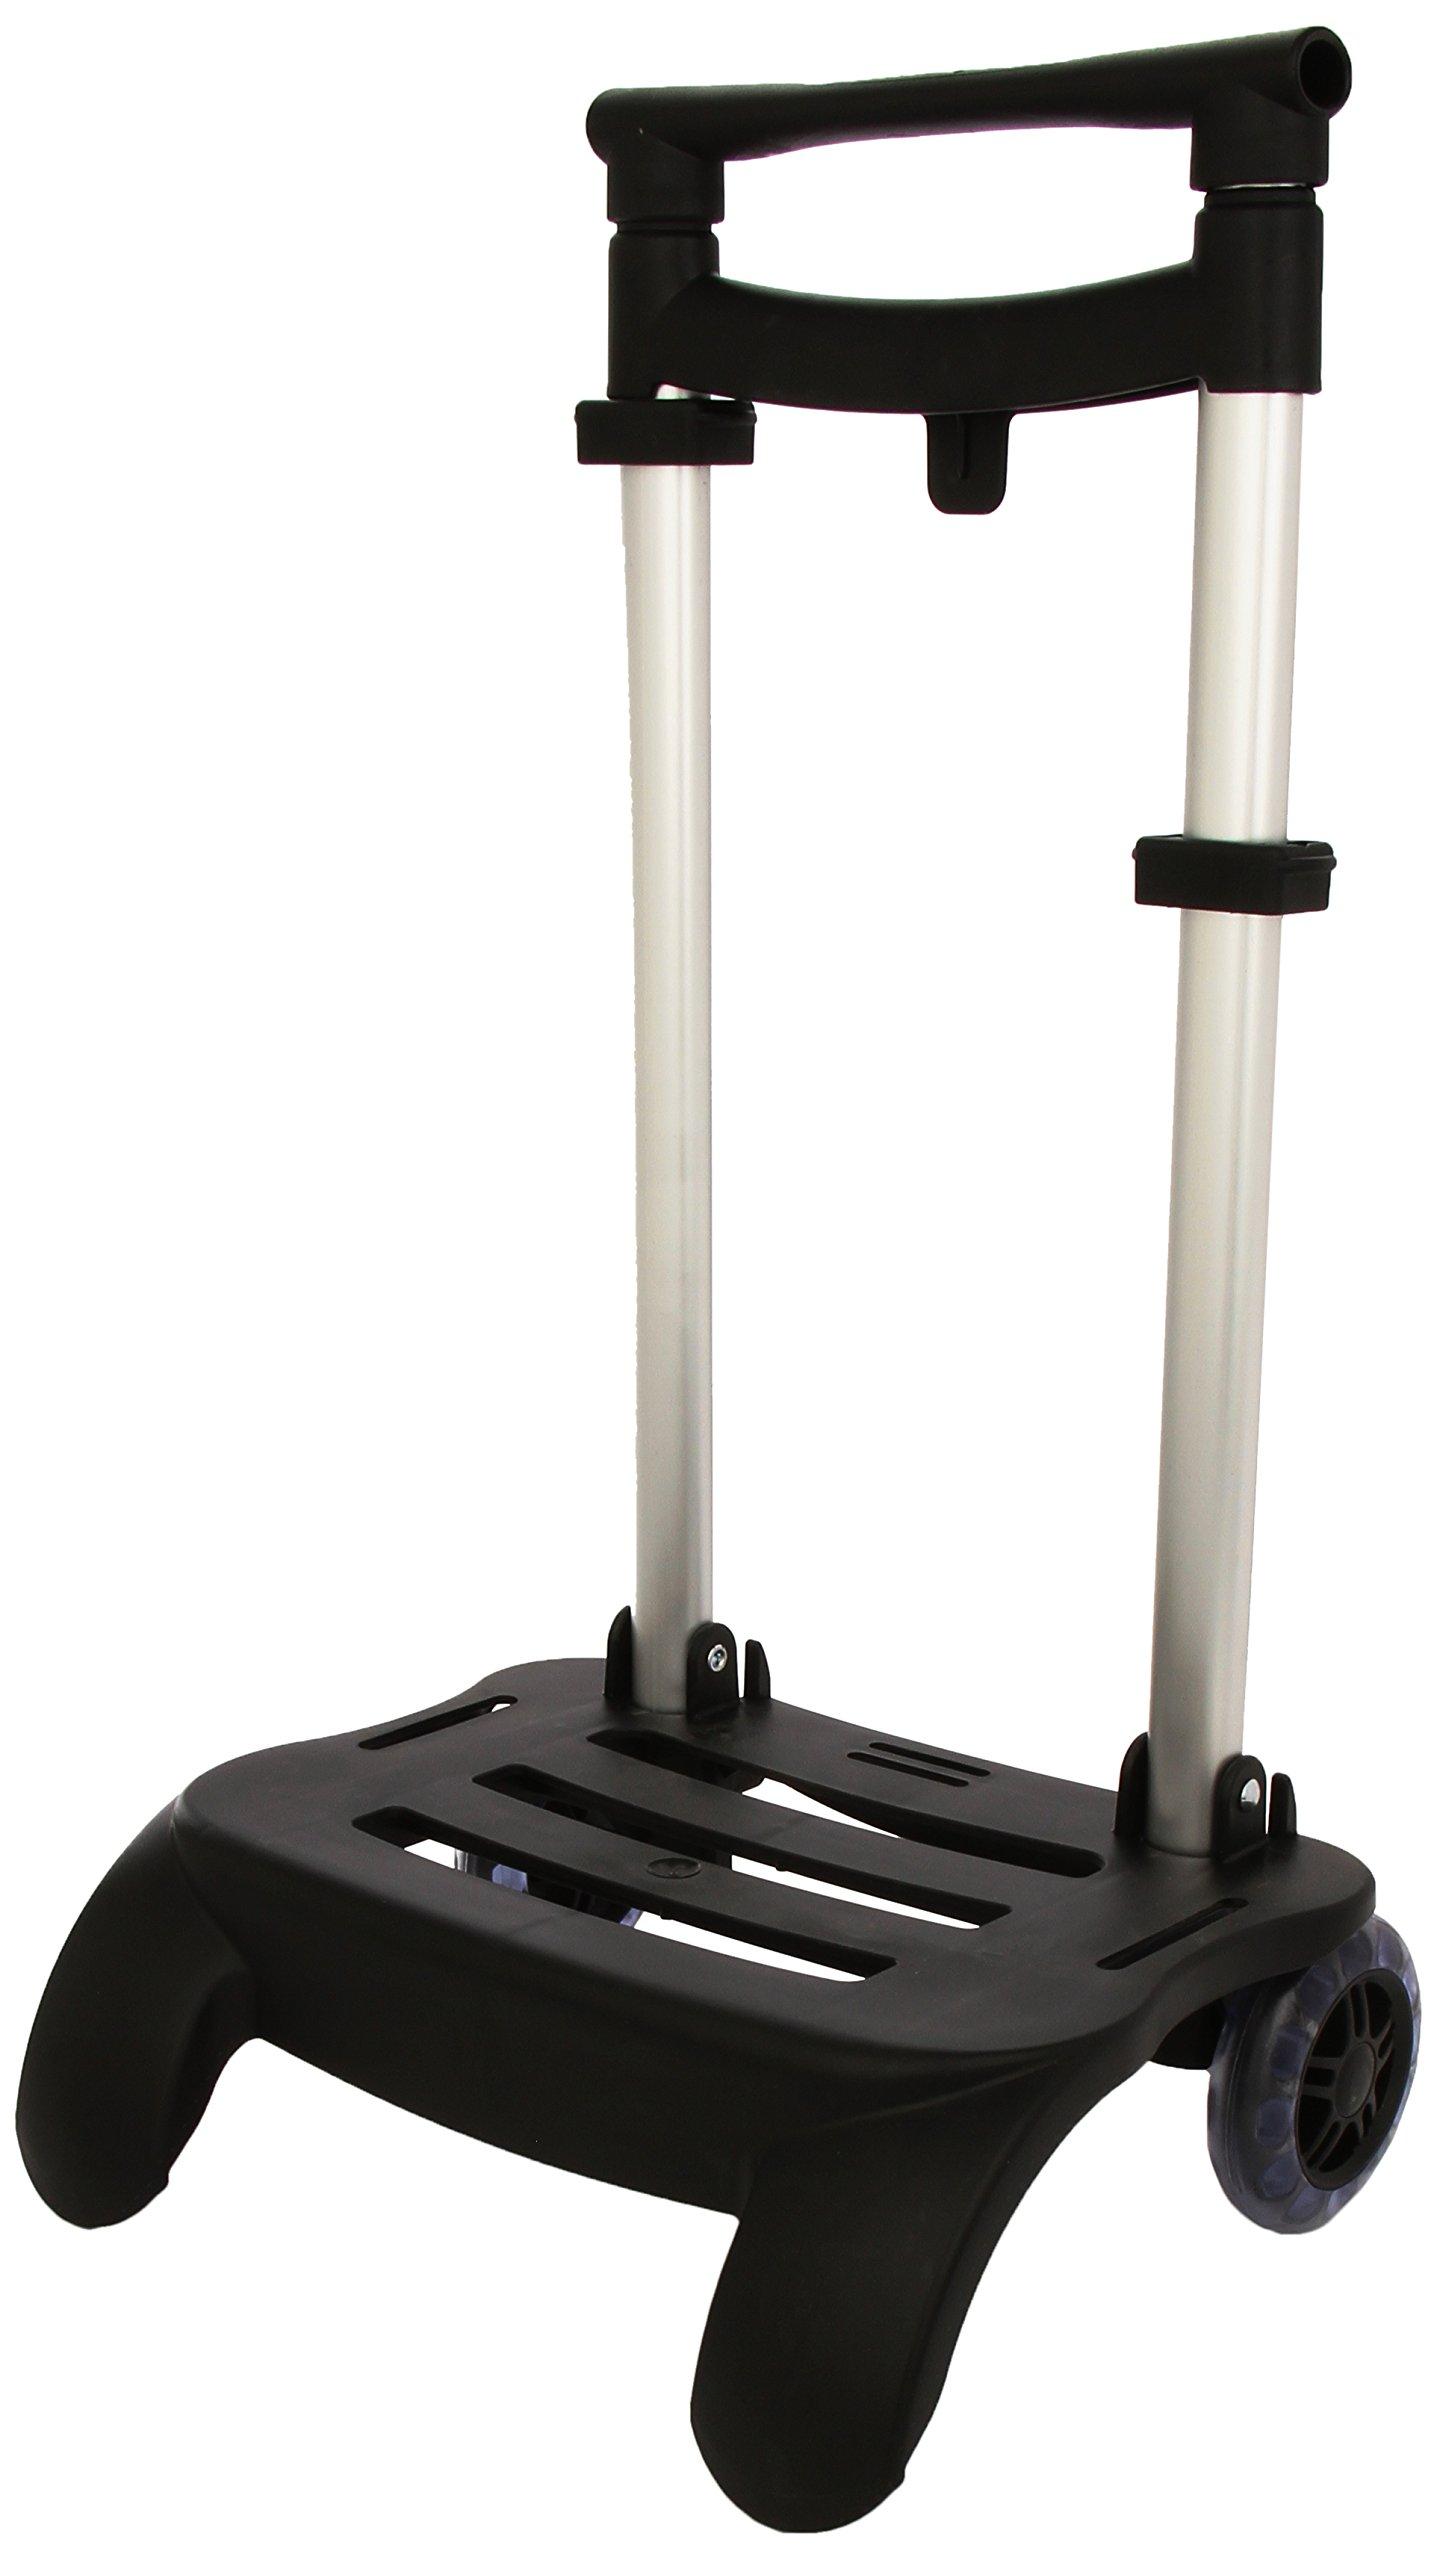 Busquets - Carro Portamochilas Plegable, color Negro product image